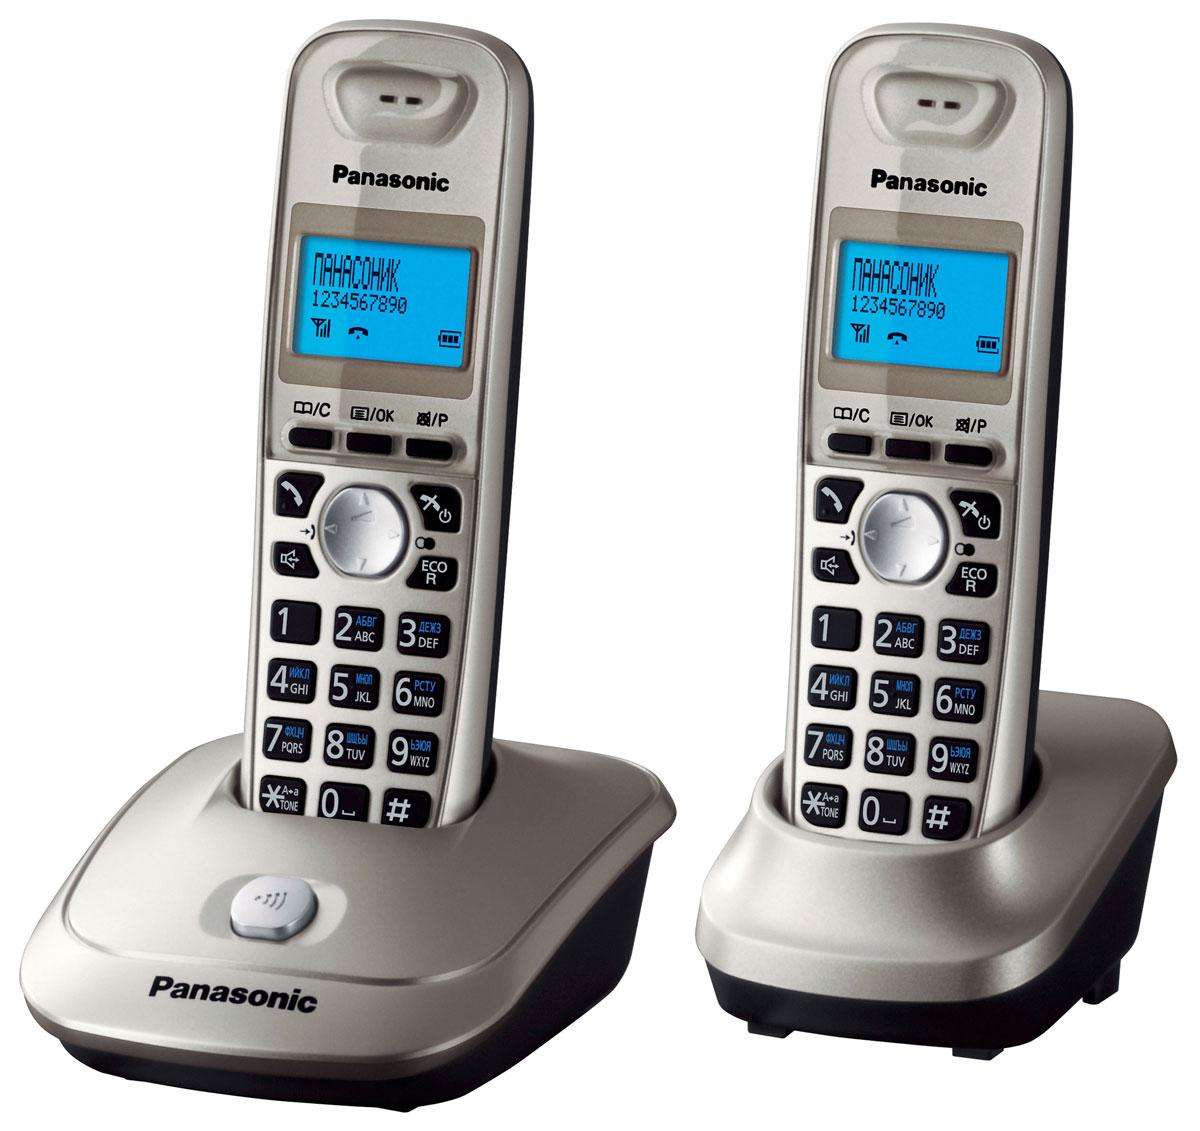 Panasonic KX-TG2512 RUN DECT телефонKX-TG2512RUNТелефонный аппарат – это уже привычная часть нашей жизни, без котороq не обходится ни один человек. Телефонный аппарат Panasonic KX-TG2512RUN - современная стильная модель, дизайн которой подчеркнет уютную обстановку вашего дома или дополнит имидж вашего офиса. Телефонный аппарат Panasonic KX-TG2512RUN обладает набором всех необходимых функций, поэтому пользование телефоном, несомненно, будет удобным и комфортным. При этом он очень прост в эксплуатации, в нем сможет разобраться даже ребенок. Телефонные аппараты Panasonic много лет пользуются огромной популярностью за счет своего проверенного временем качества и способностью всегда быть на шаг впереди конкурентов. Дополнительная трубка в комплектеАОН, Caller ID (журнал на 50 вызовов) Спикерфон на трубкеГолубая подсветка трубки Телефонный справочник (50 записей)Полифонические мелодии звонка Кириллица на дисплееВремя/дата на дисплее Повторный набор номера Переход в Эко режим одним нажатиемПитание трубки: NiMH аккумуляторДо 18 ч в режиме разговораДо 170 ч в режиме ожидания